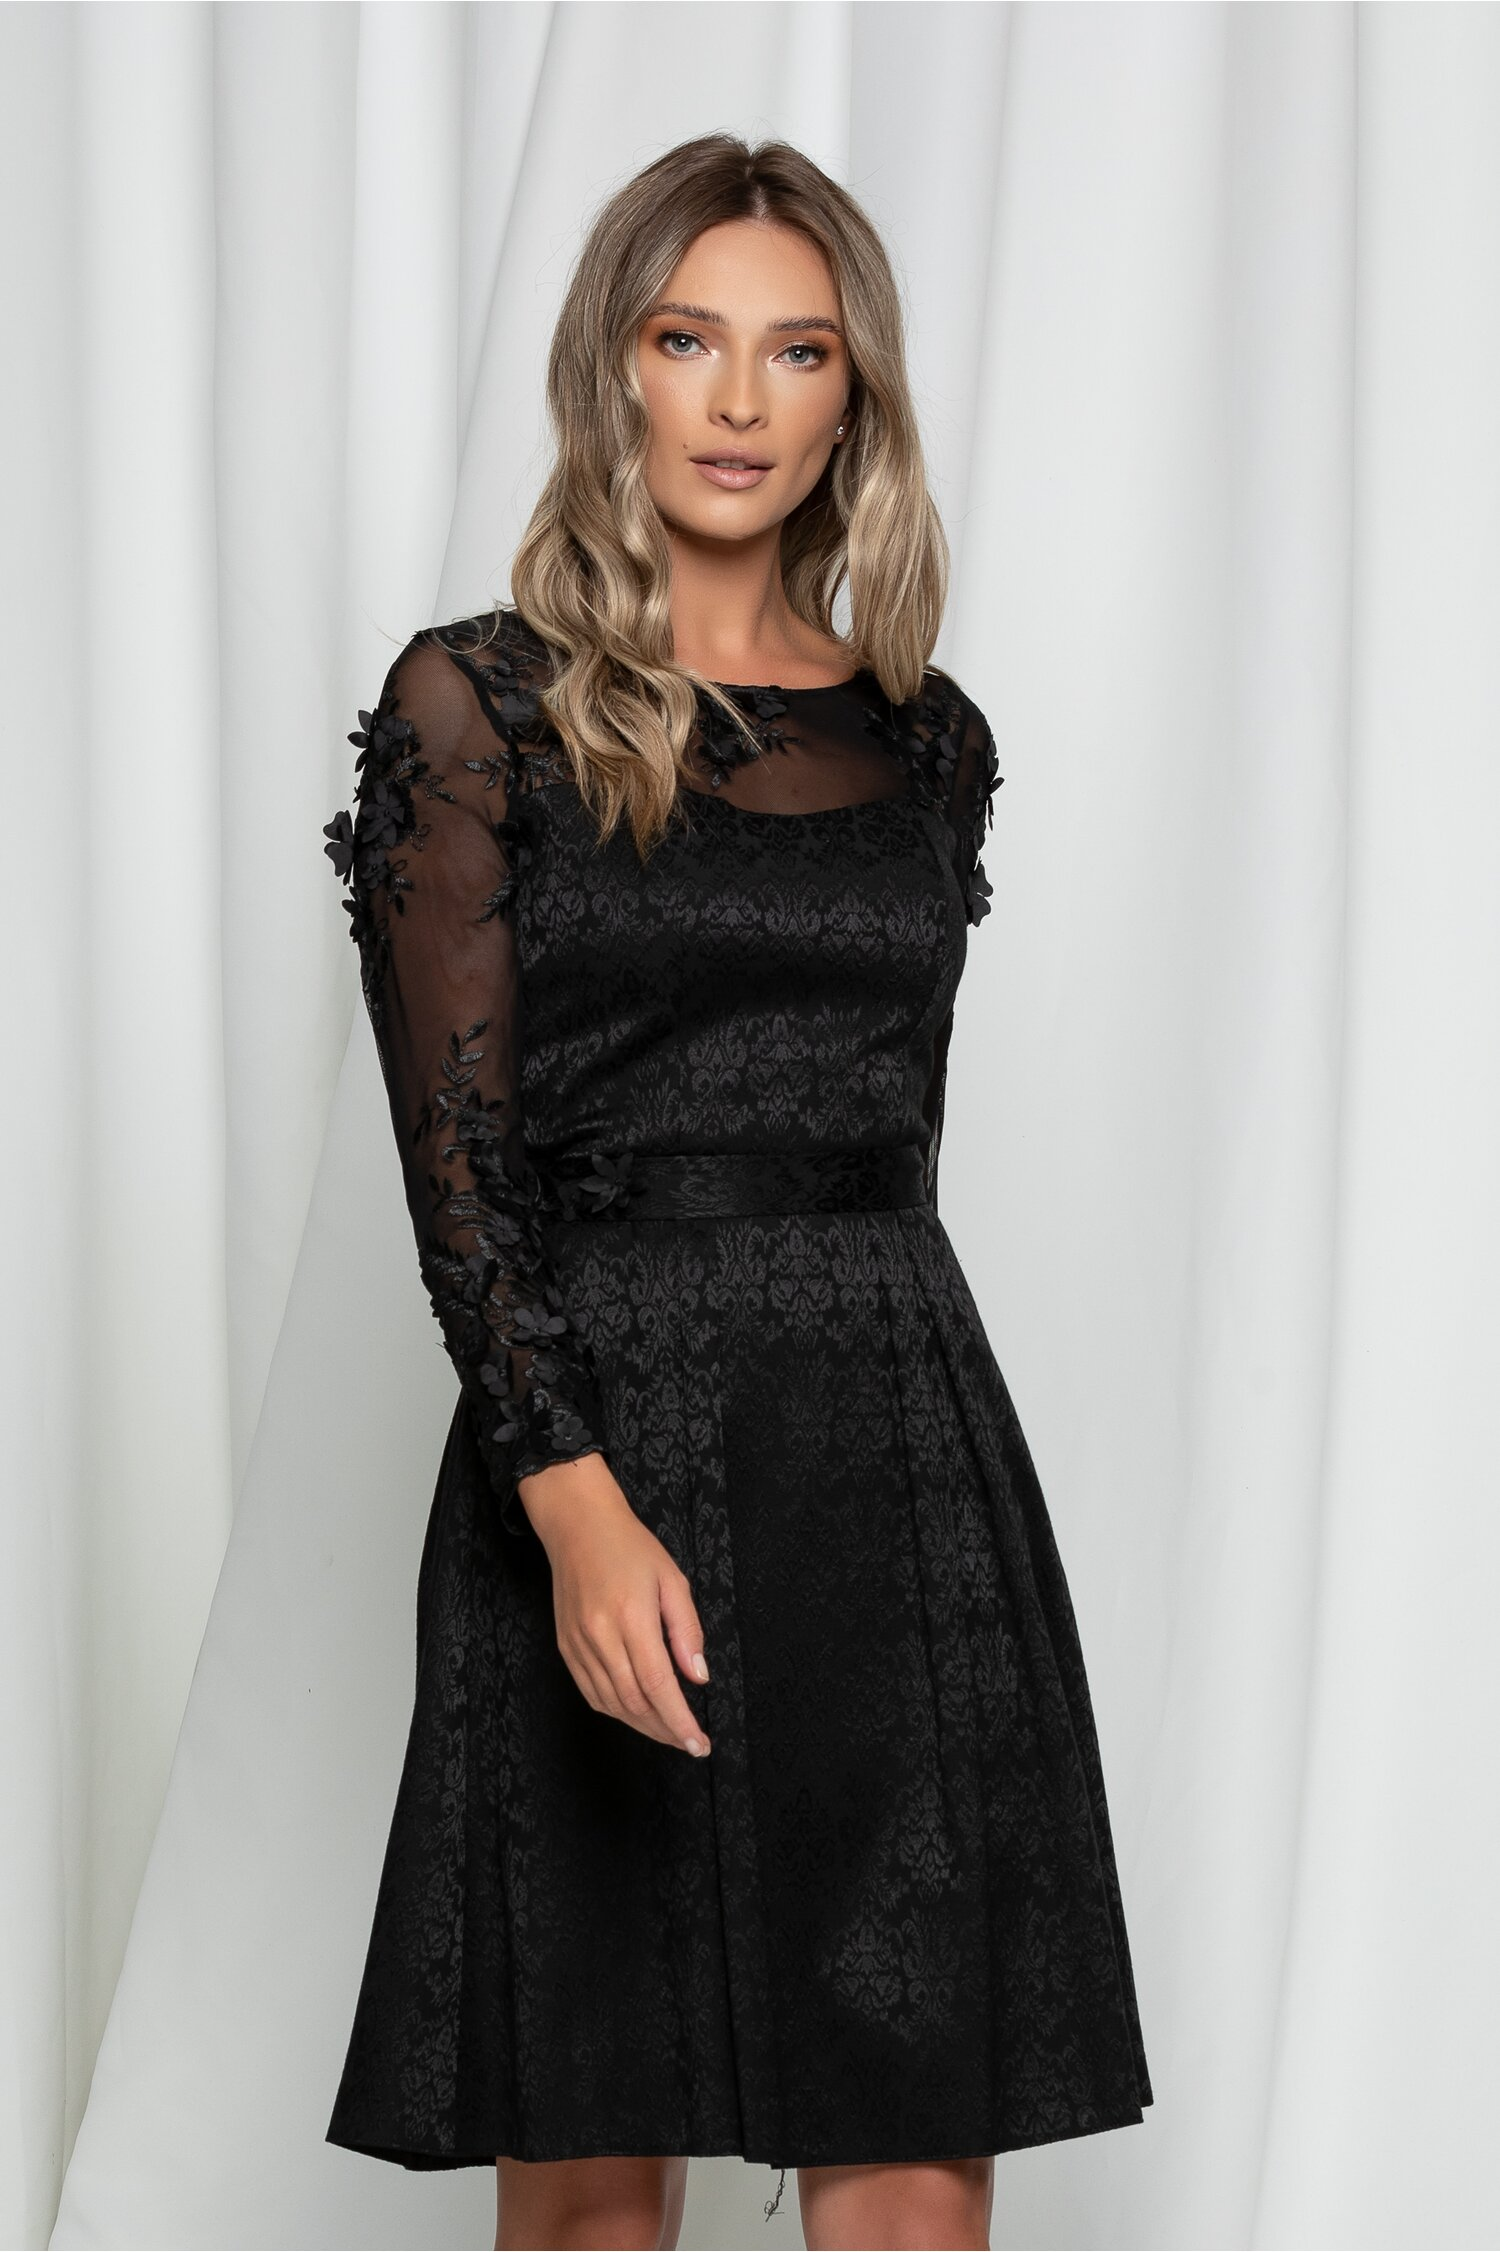 Rochie Dorina neagra cu broderie florala 3D la decolteu si maneci